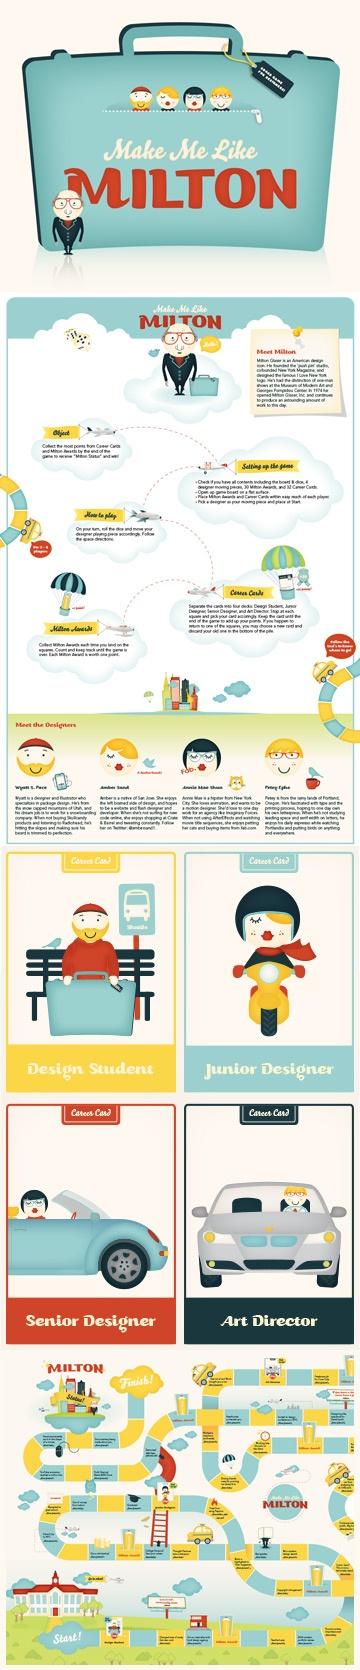 11 best Board game design images on Pinterest Board games, Game - fresh blueprint design career